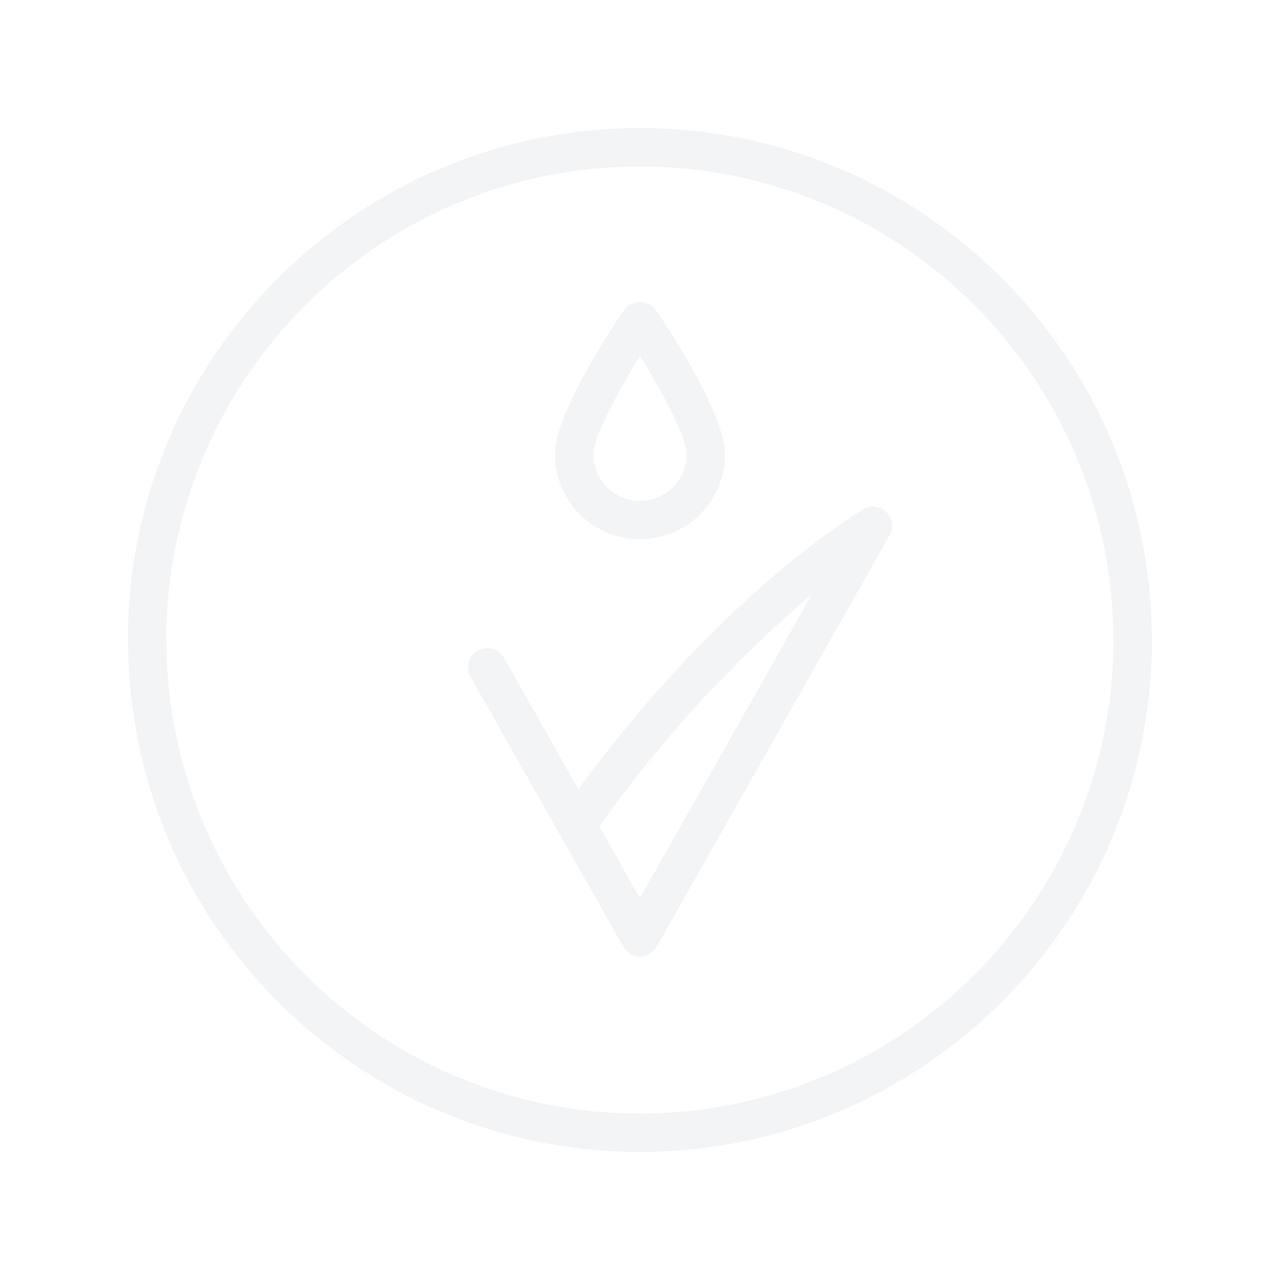 KIDS STUFF CRAZY Pink Foaming Soap пенное мыло для детских забав 225ml